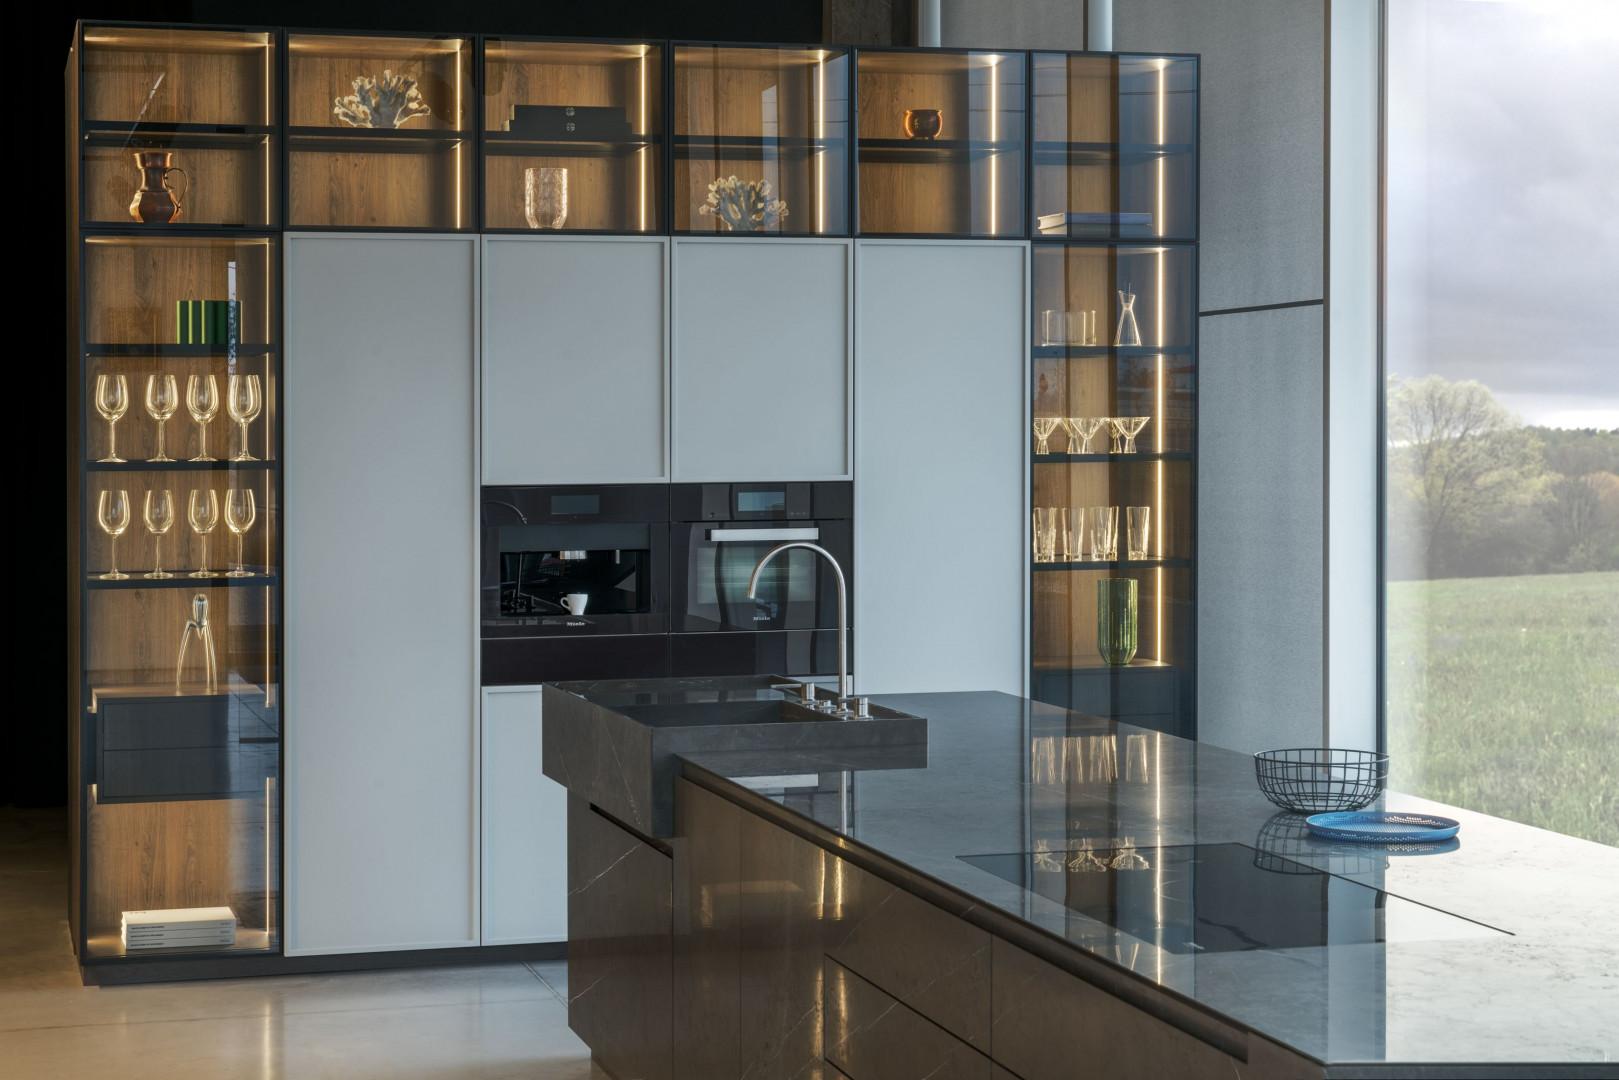 Nowoczesna kuchnia ze szklanymi frontami. Fot. Zajc